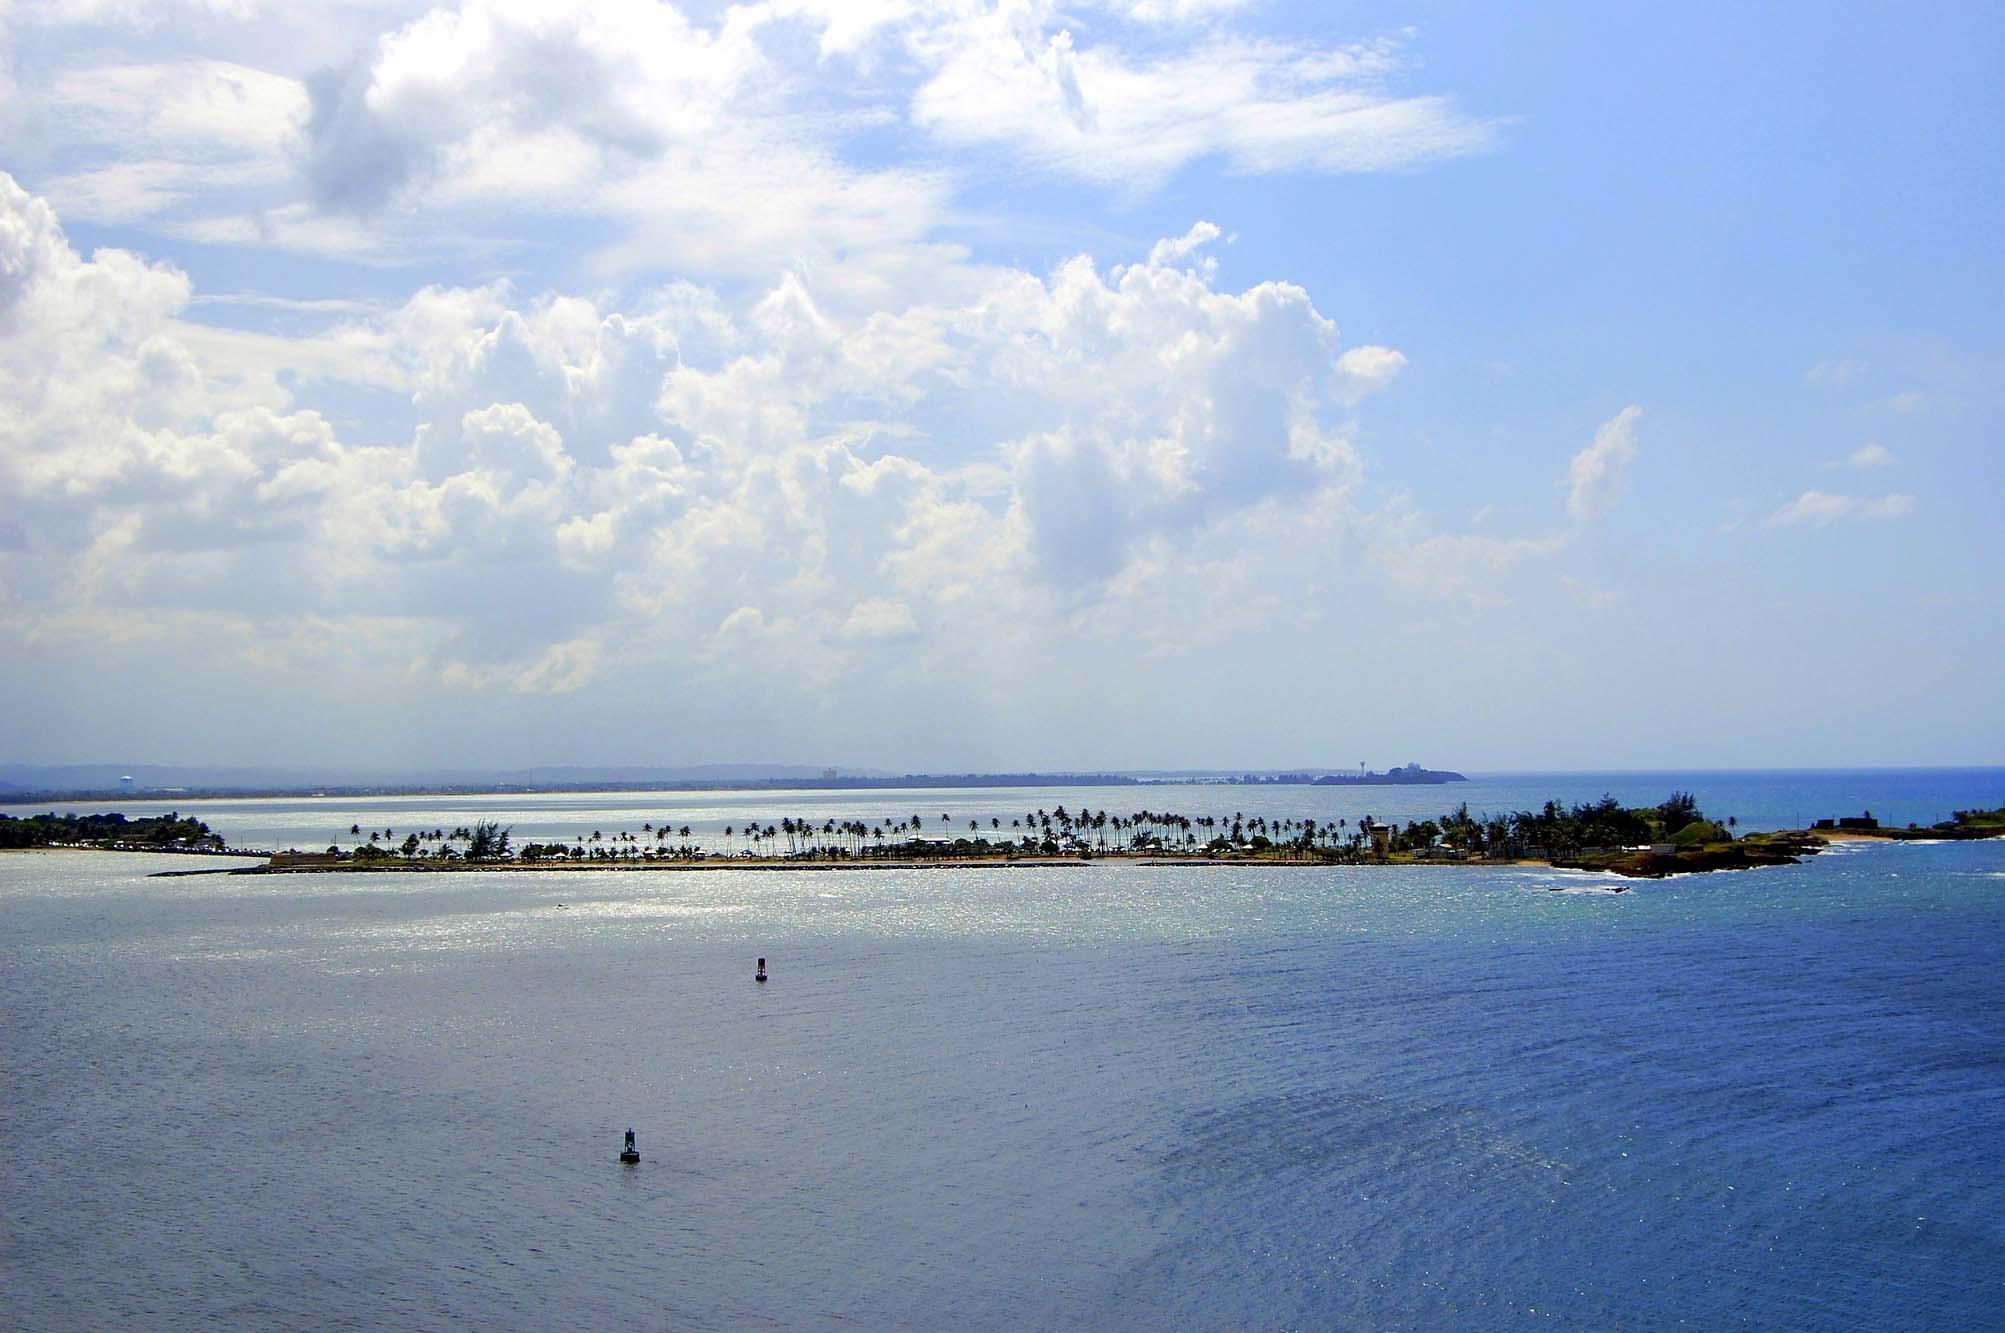 San Juan zaljev